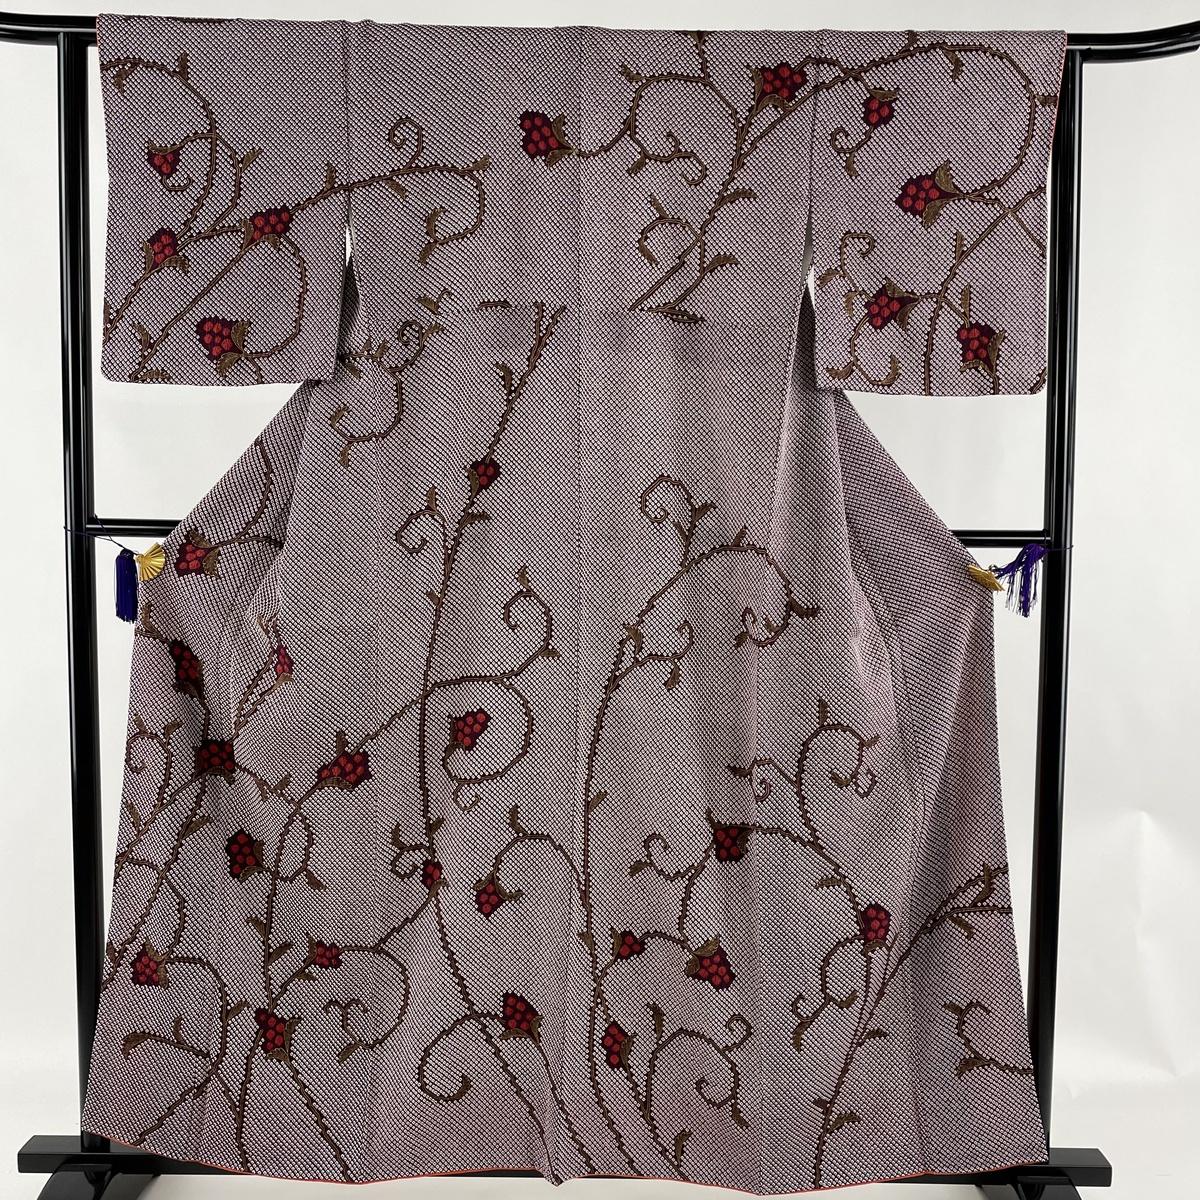 ランクA 入手困難 激安通販販売 着物 リサイクル 送料無料 訪問着 美品 秀品 葉と実 総絞り 紫 中古 158.5cm 袷 金彩 63cm S 正絹